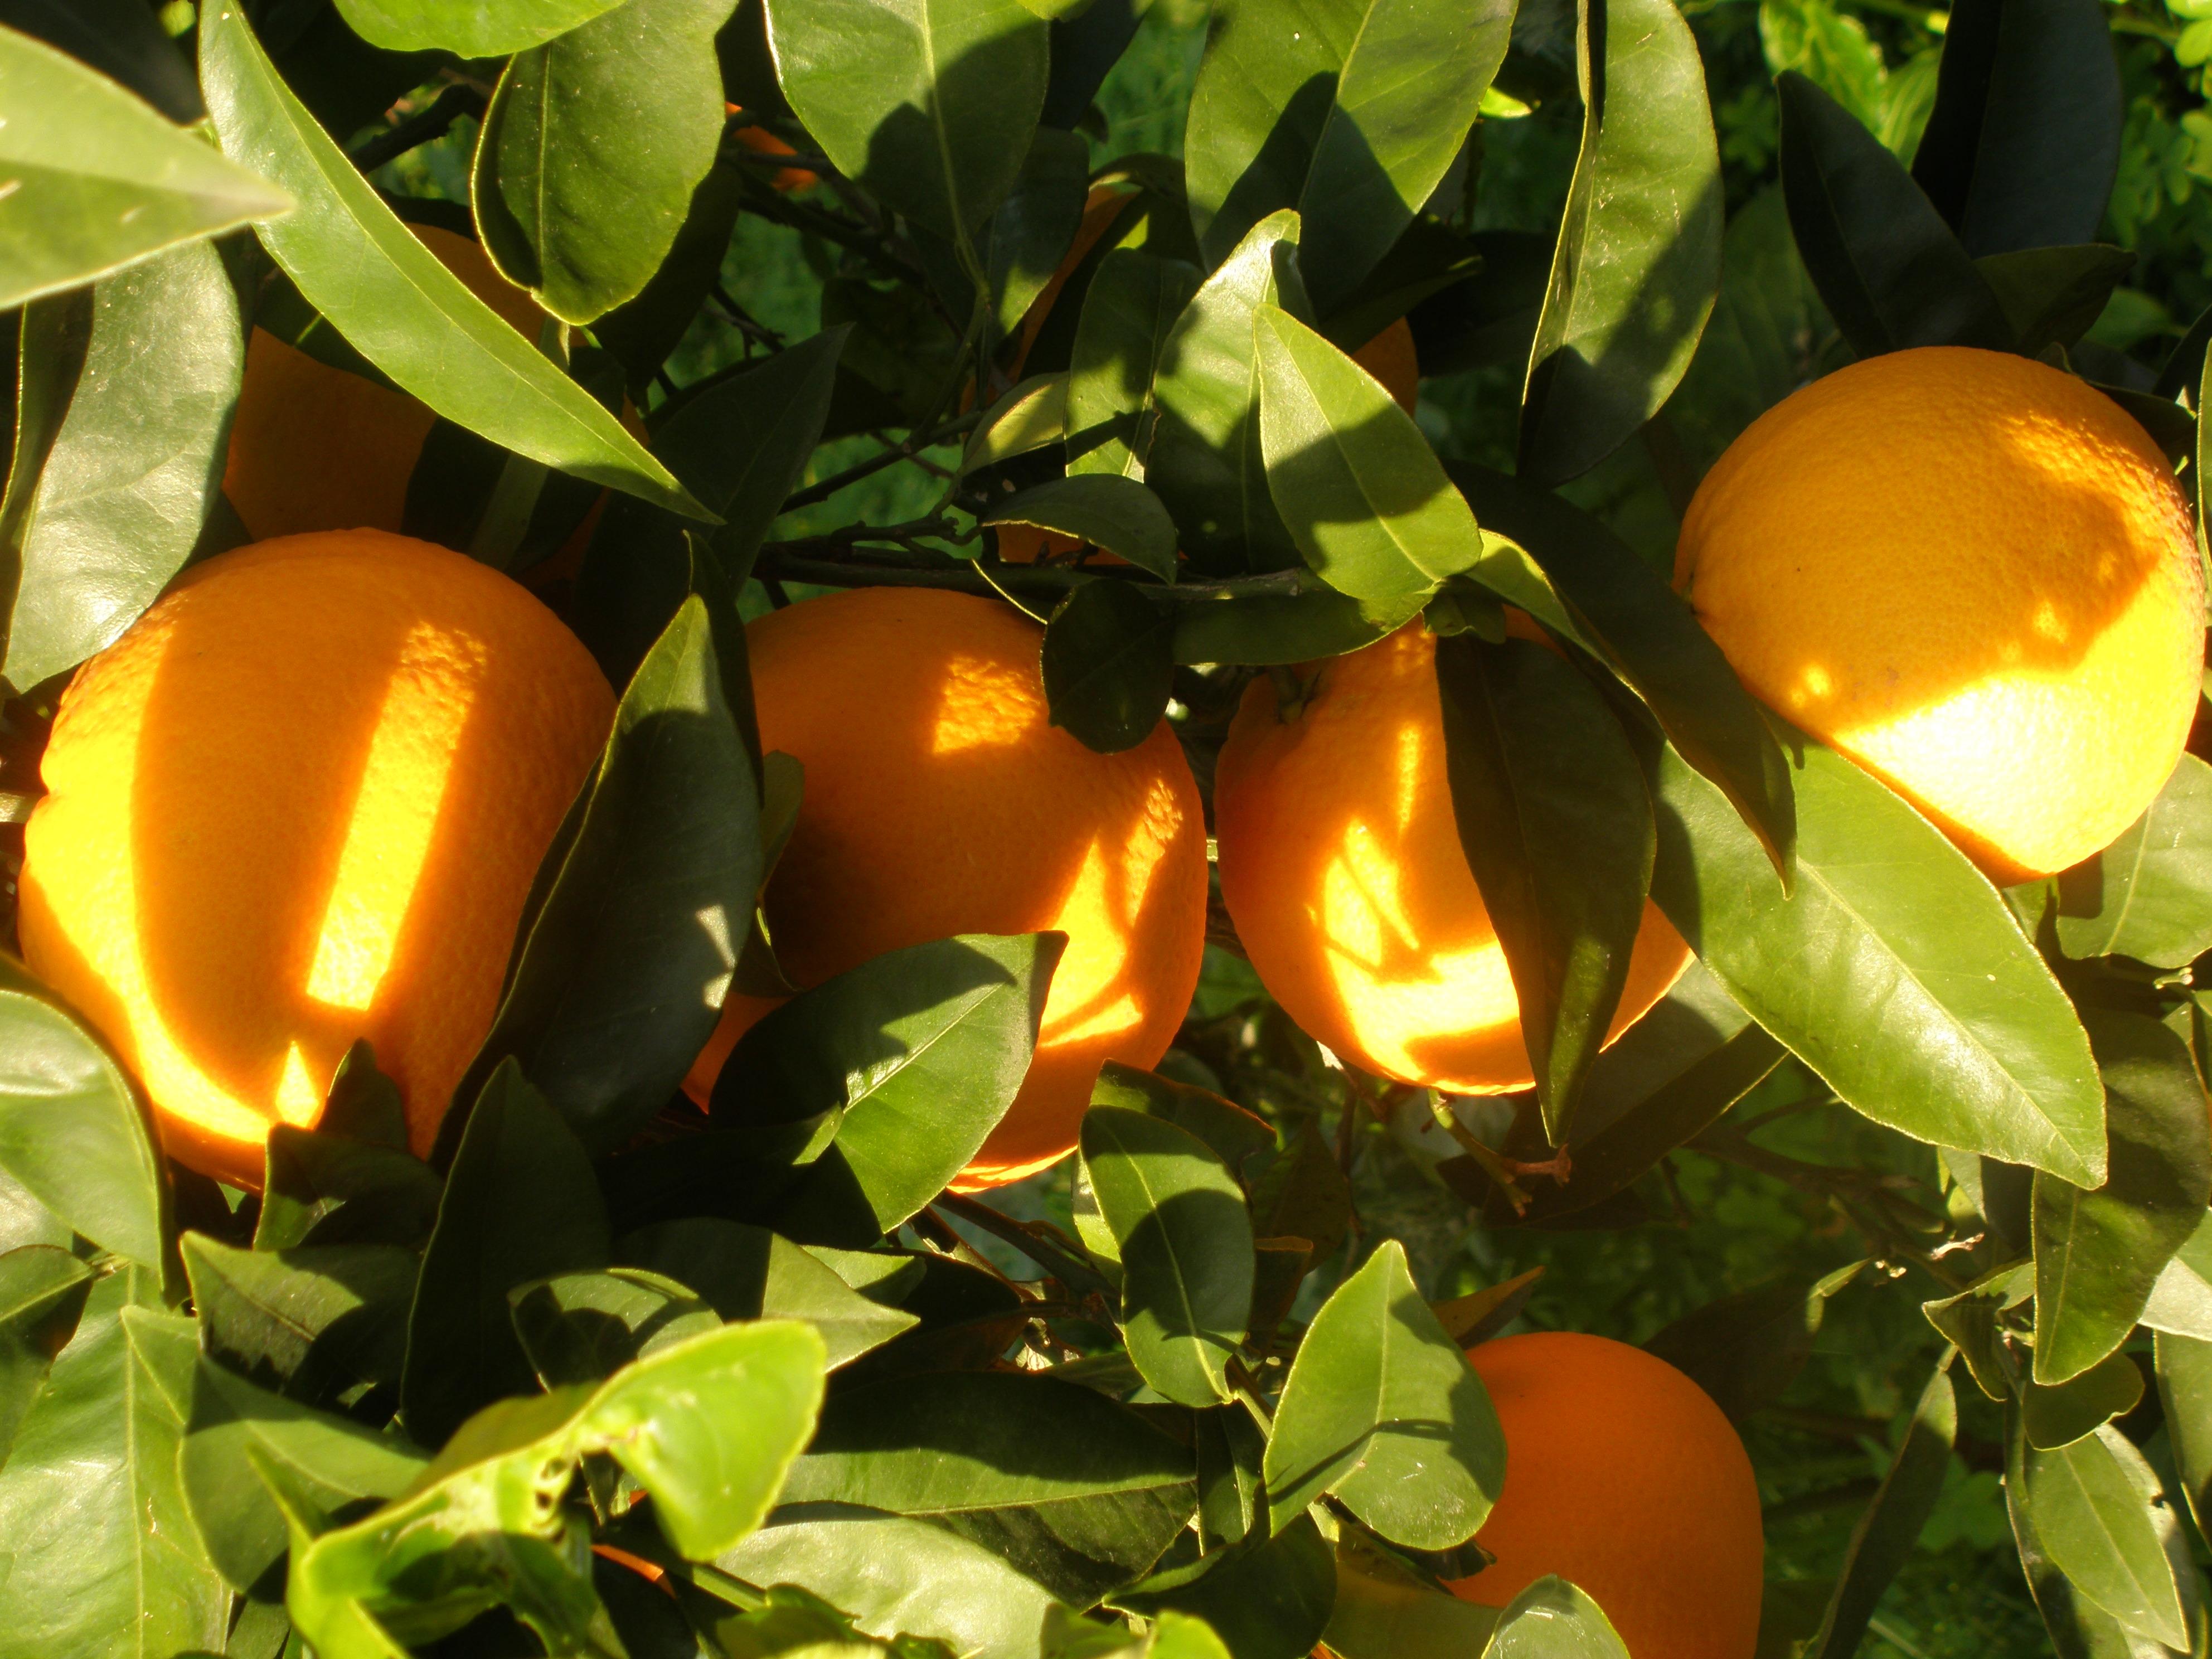 Più frutta nelle bibite, plauso anche di Coldiretti Catania